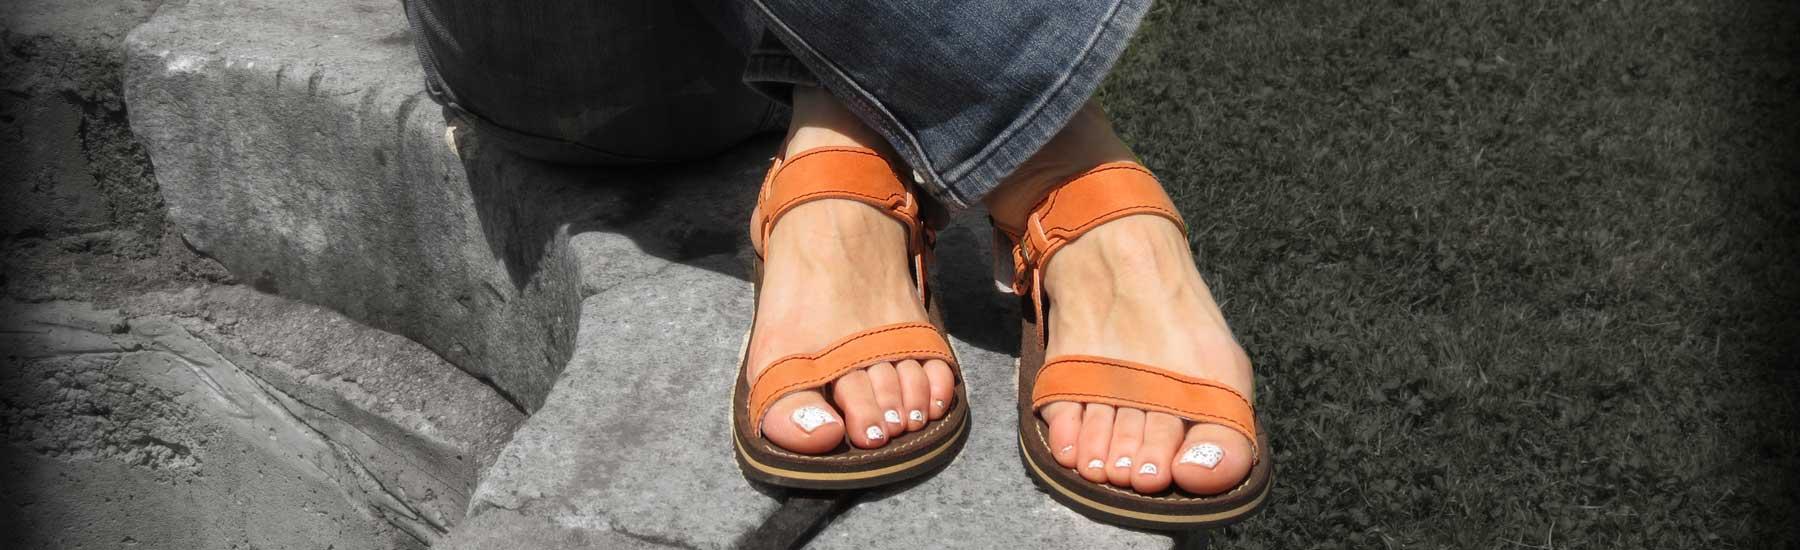 Ženski usnjeni sandali art 953 za vsak dan.